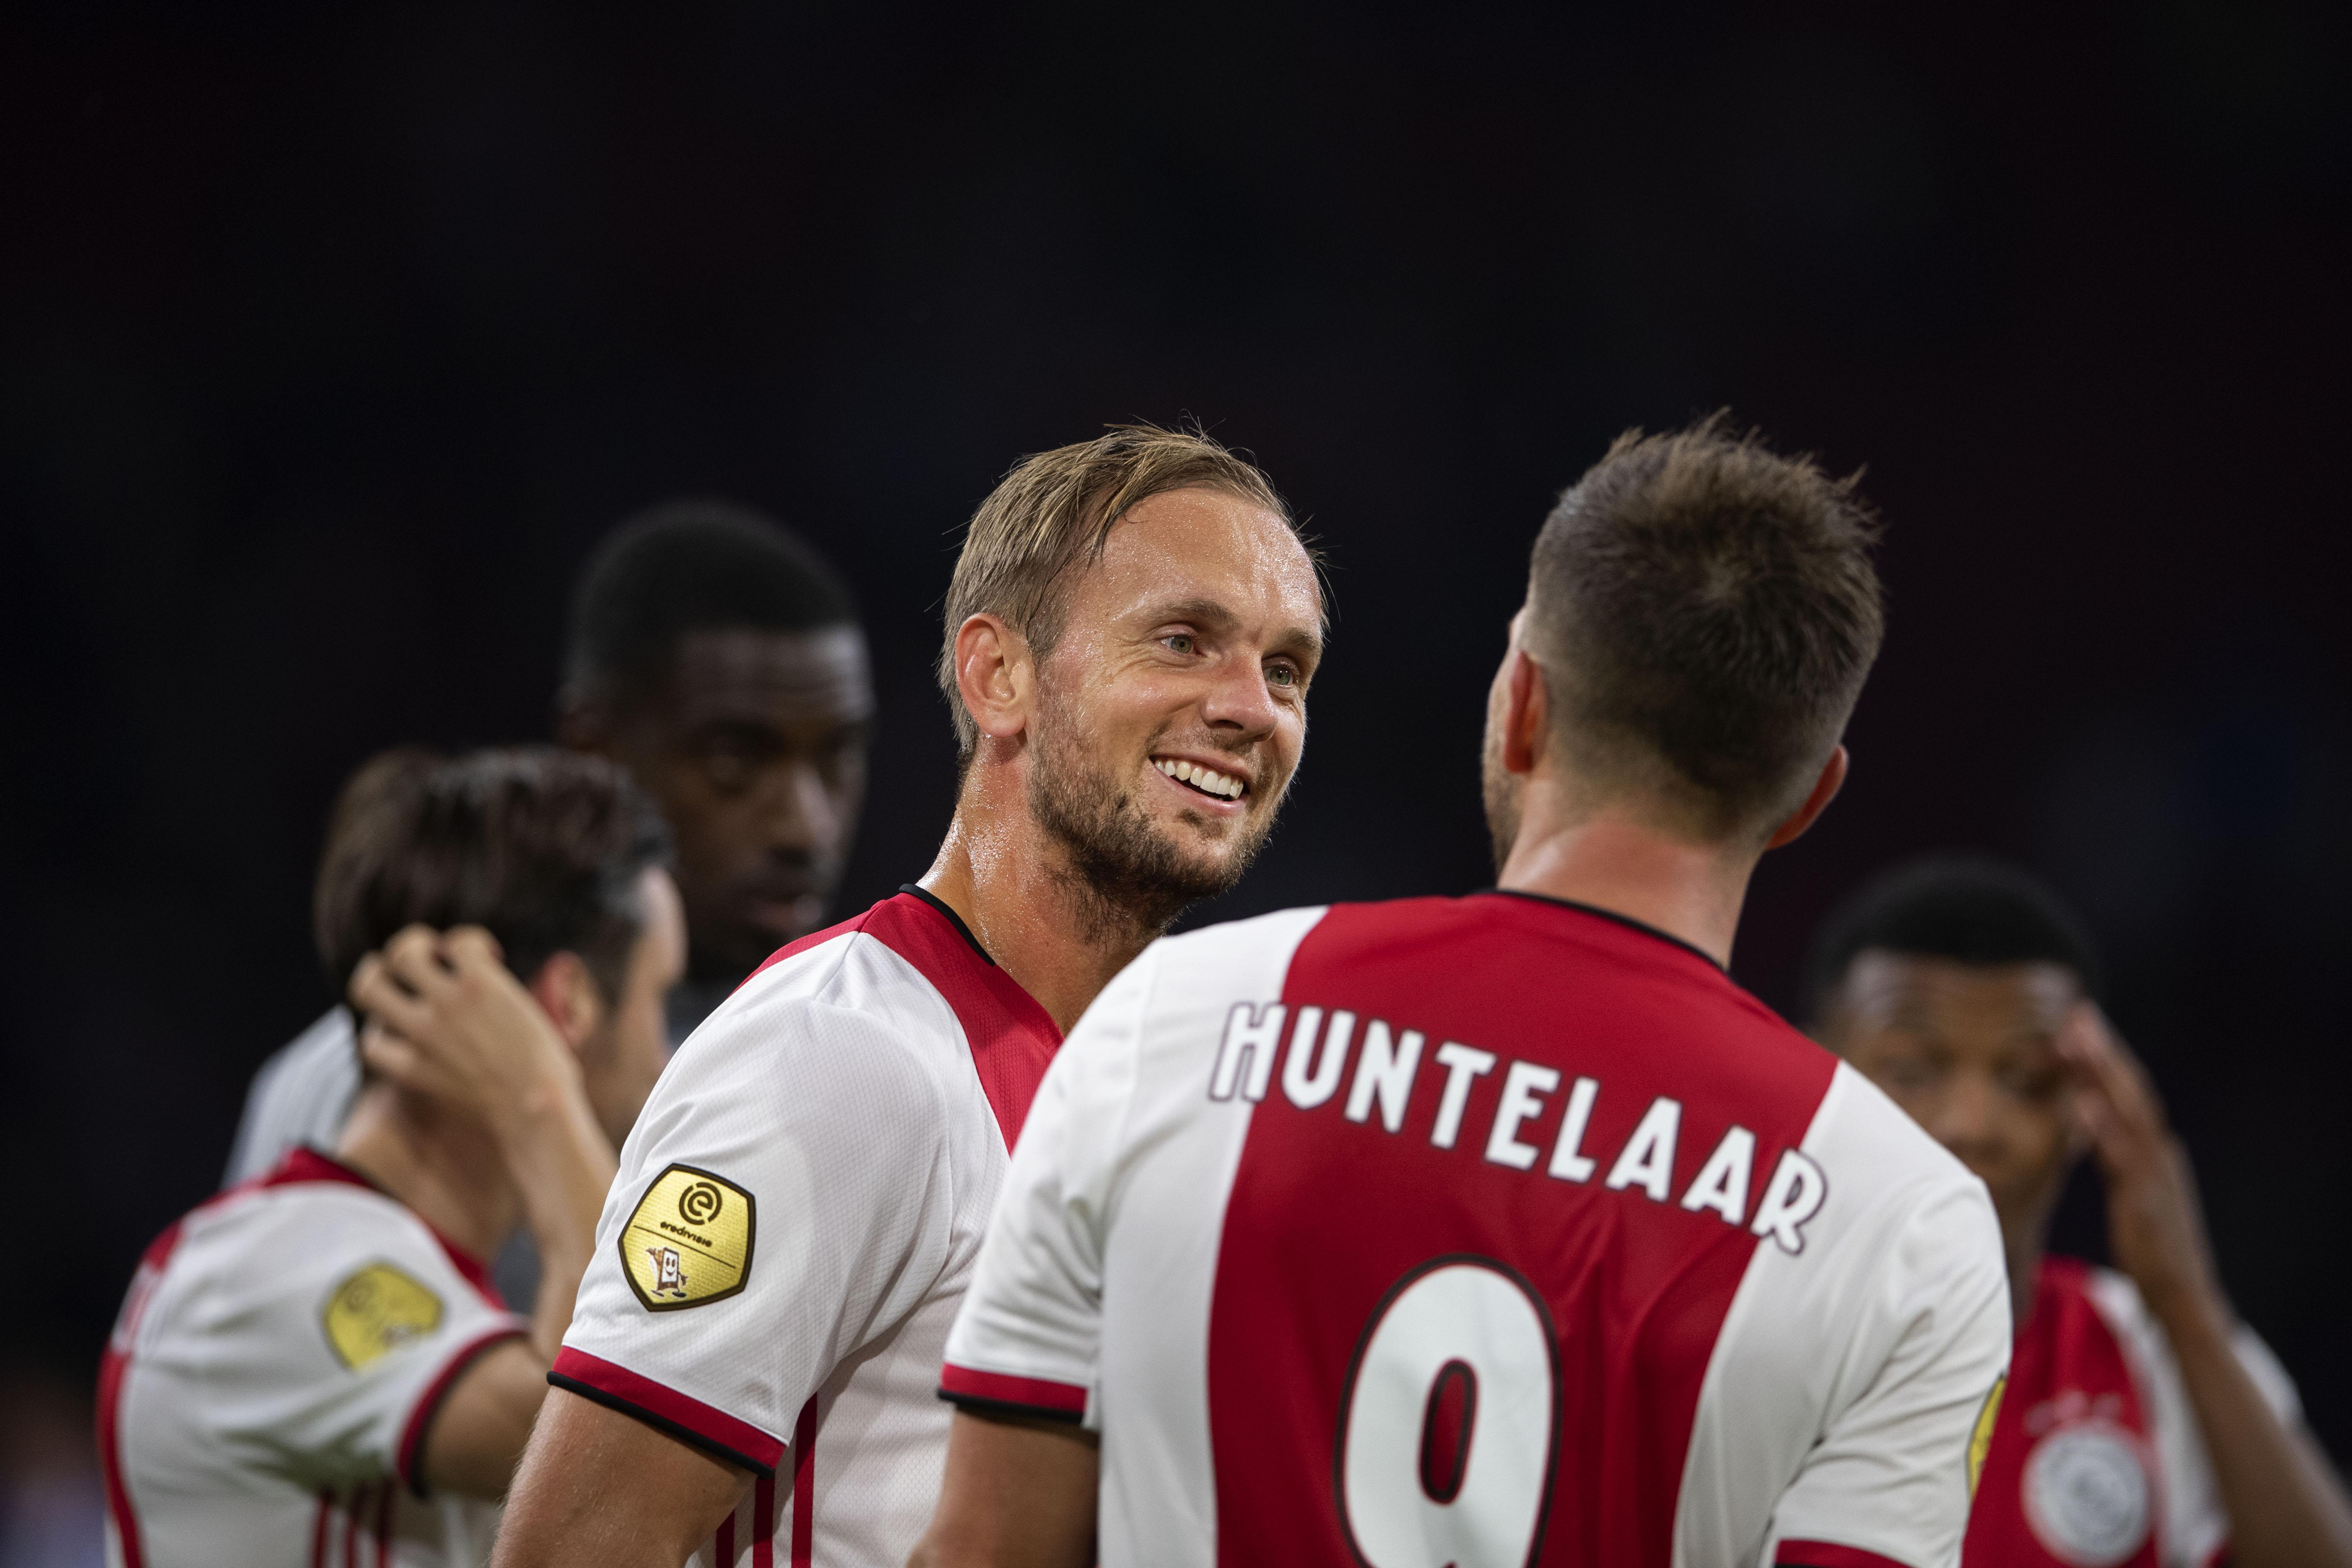 Ajax rekent na matige start af met Heerenveen [video]